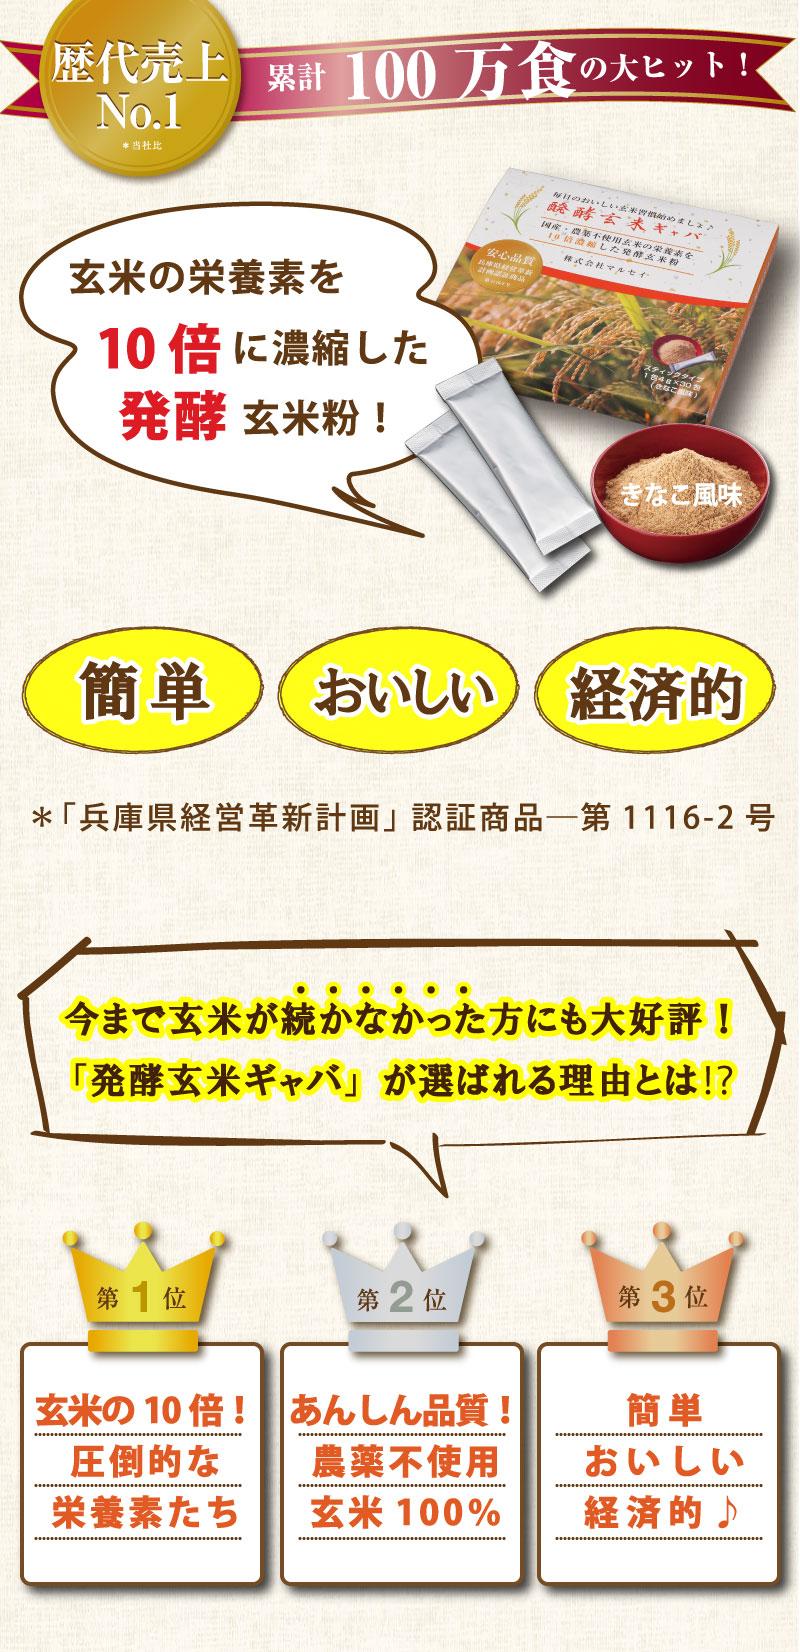 玄米の栄養素を10倍に濃縮した発酵玄米粉